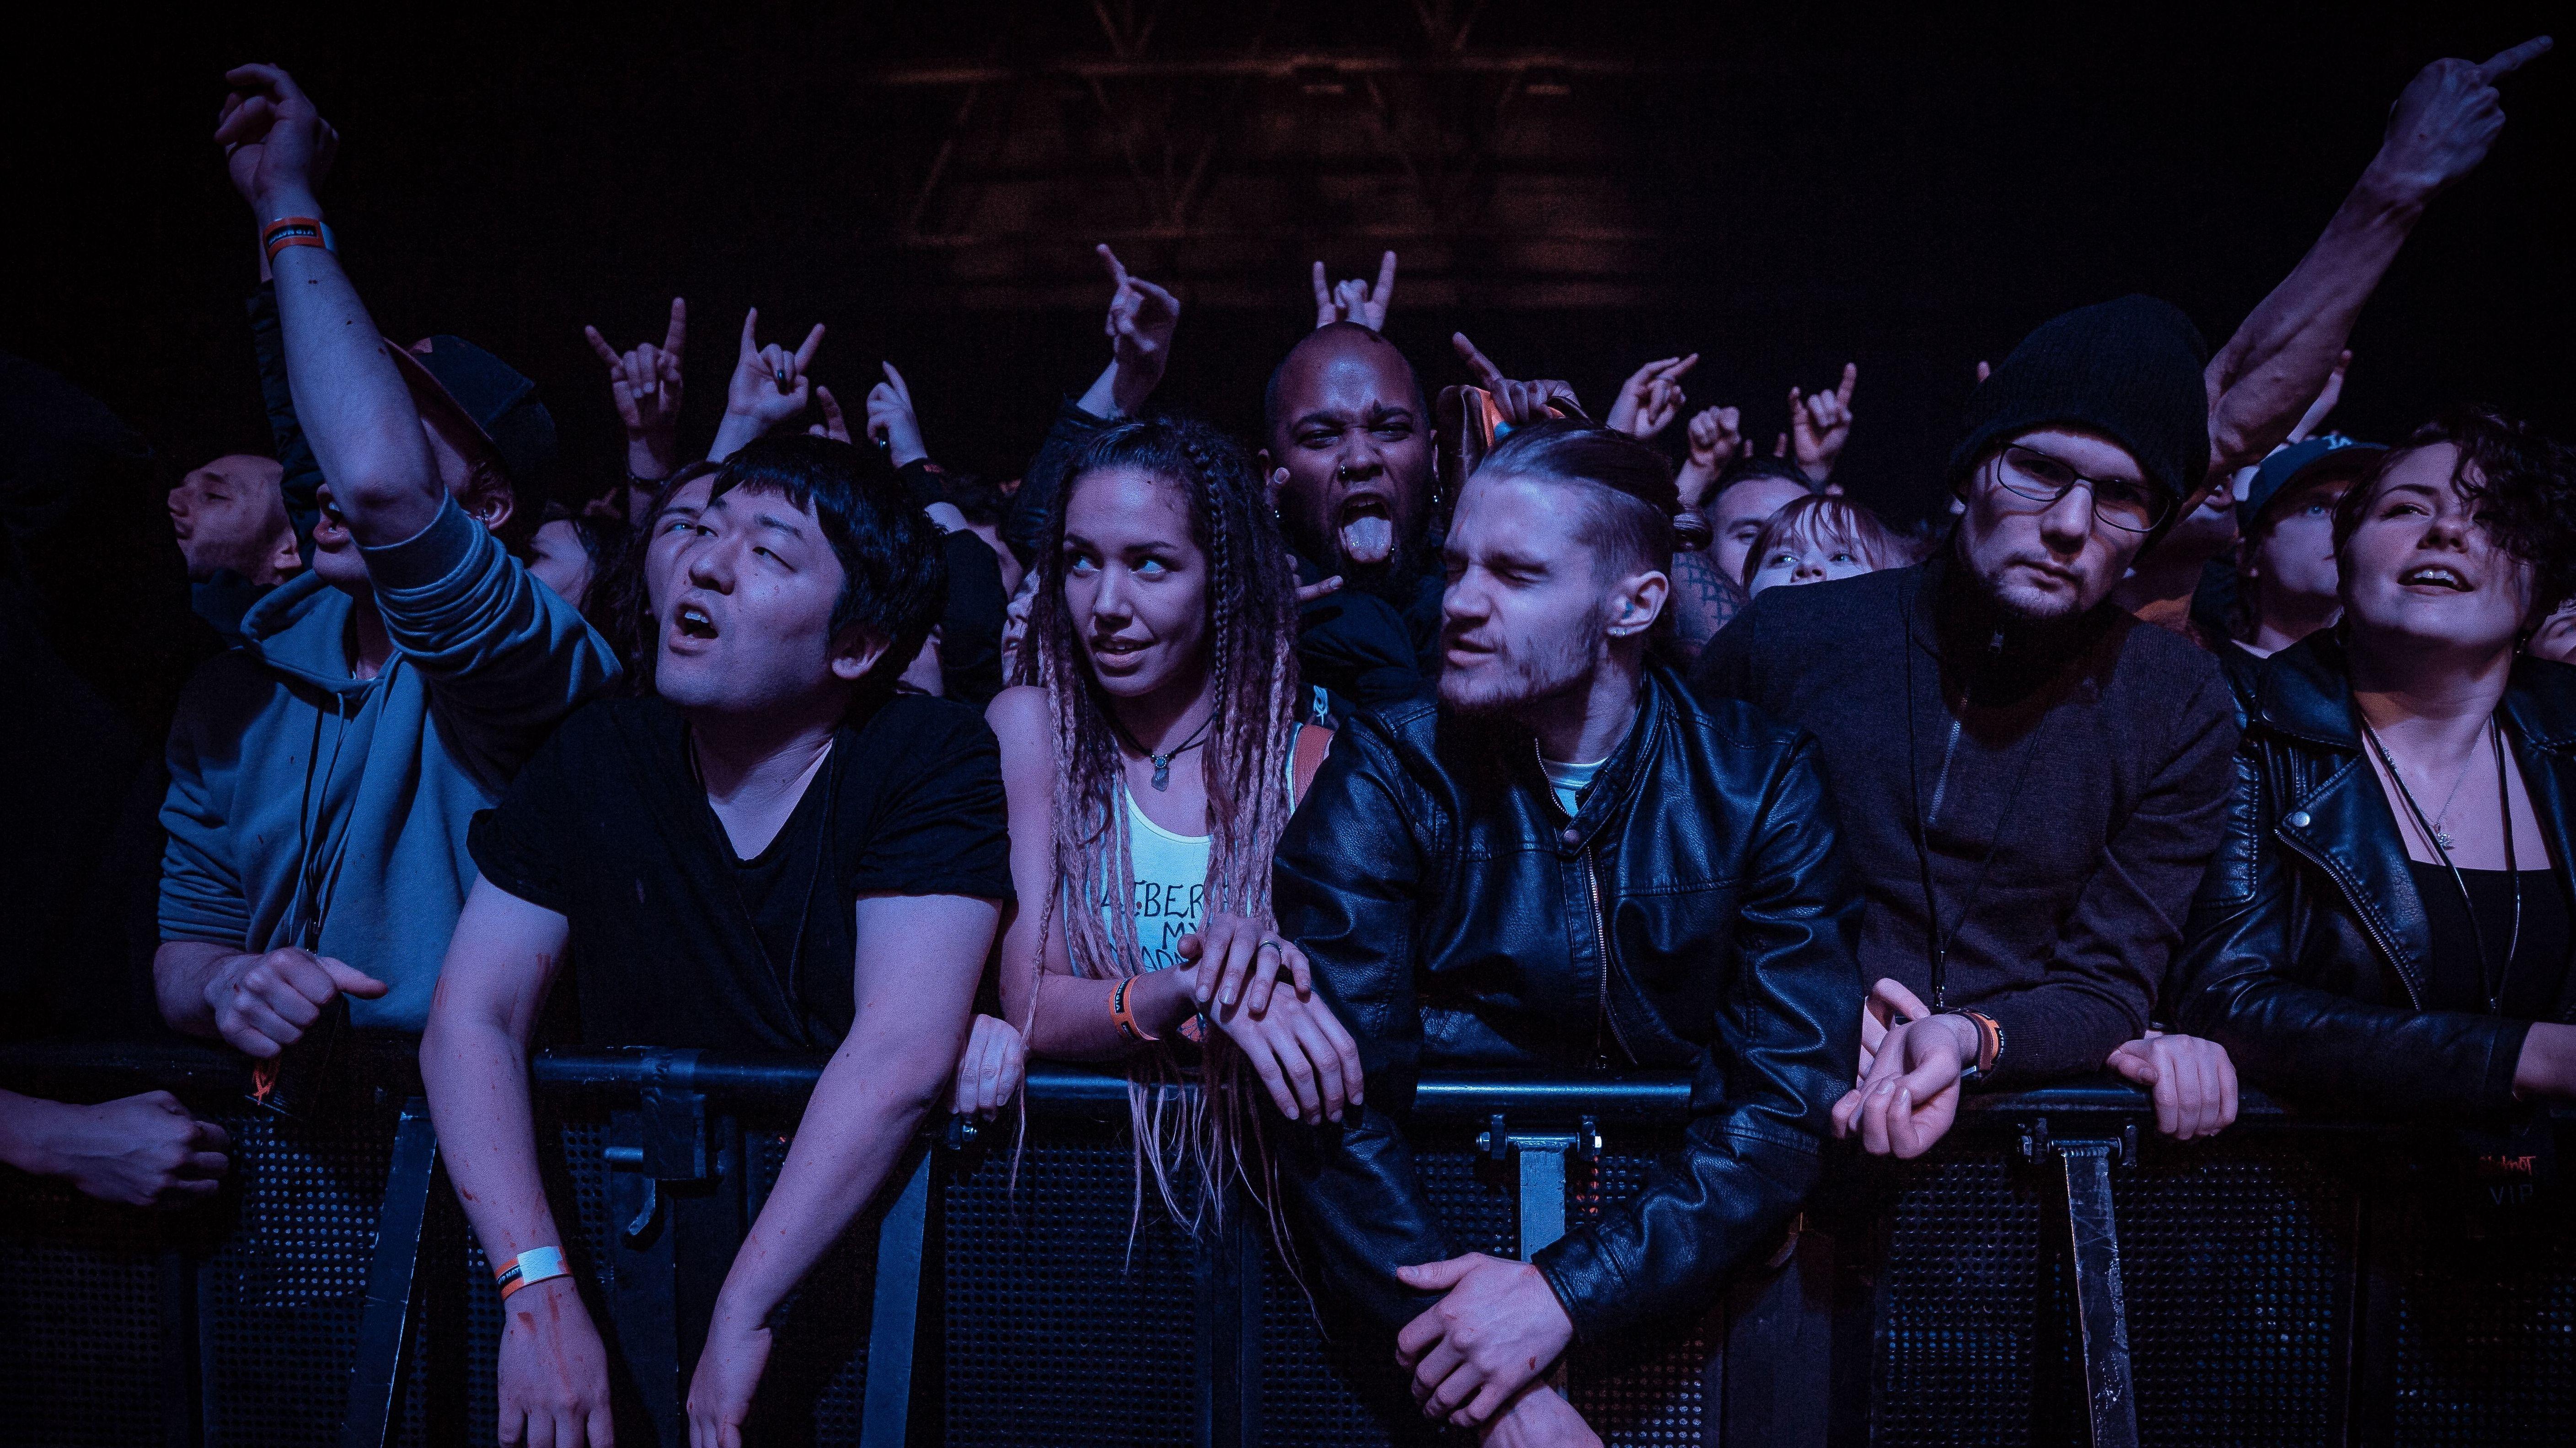 Fans bei einem Konzert der Band Slipknot, die sehr dicht gedrängt an einer Absperrung stehen.